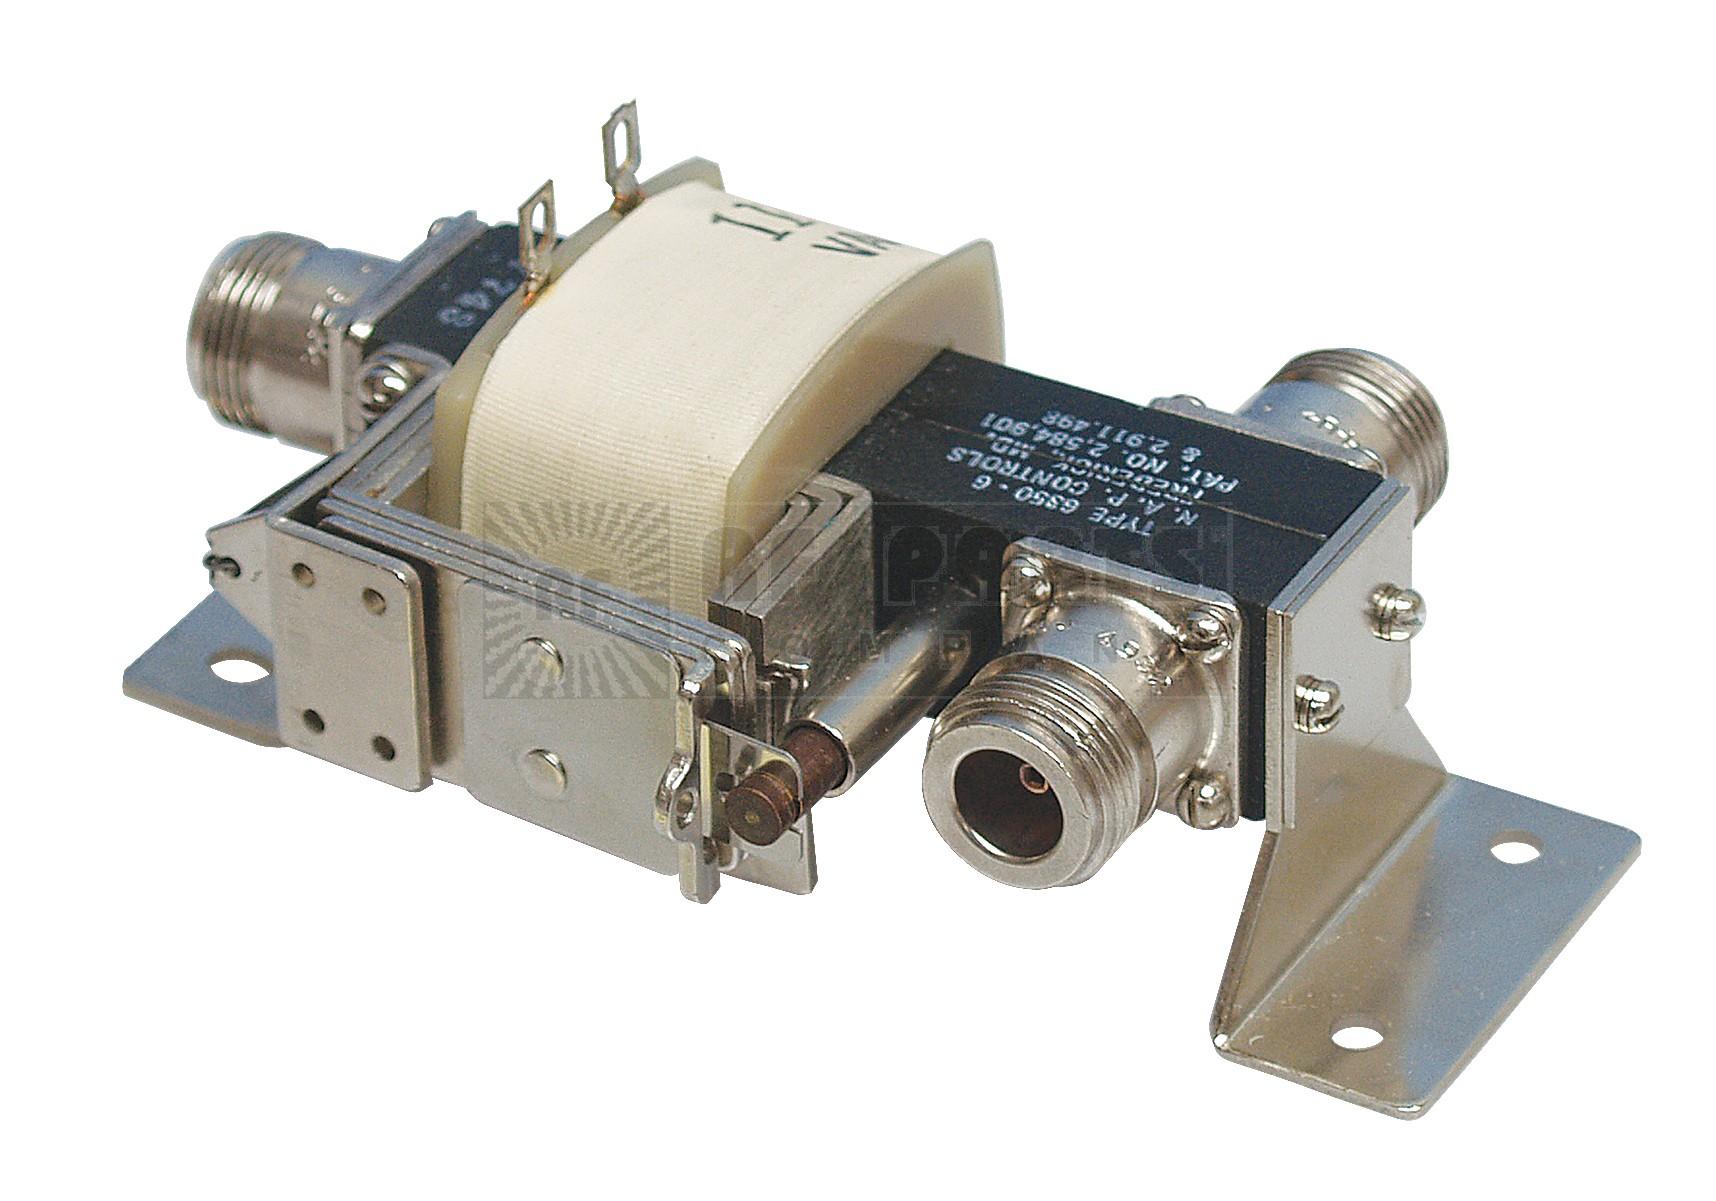 6350-6 Relay, coaxial, spdt, type n